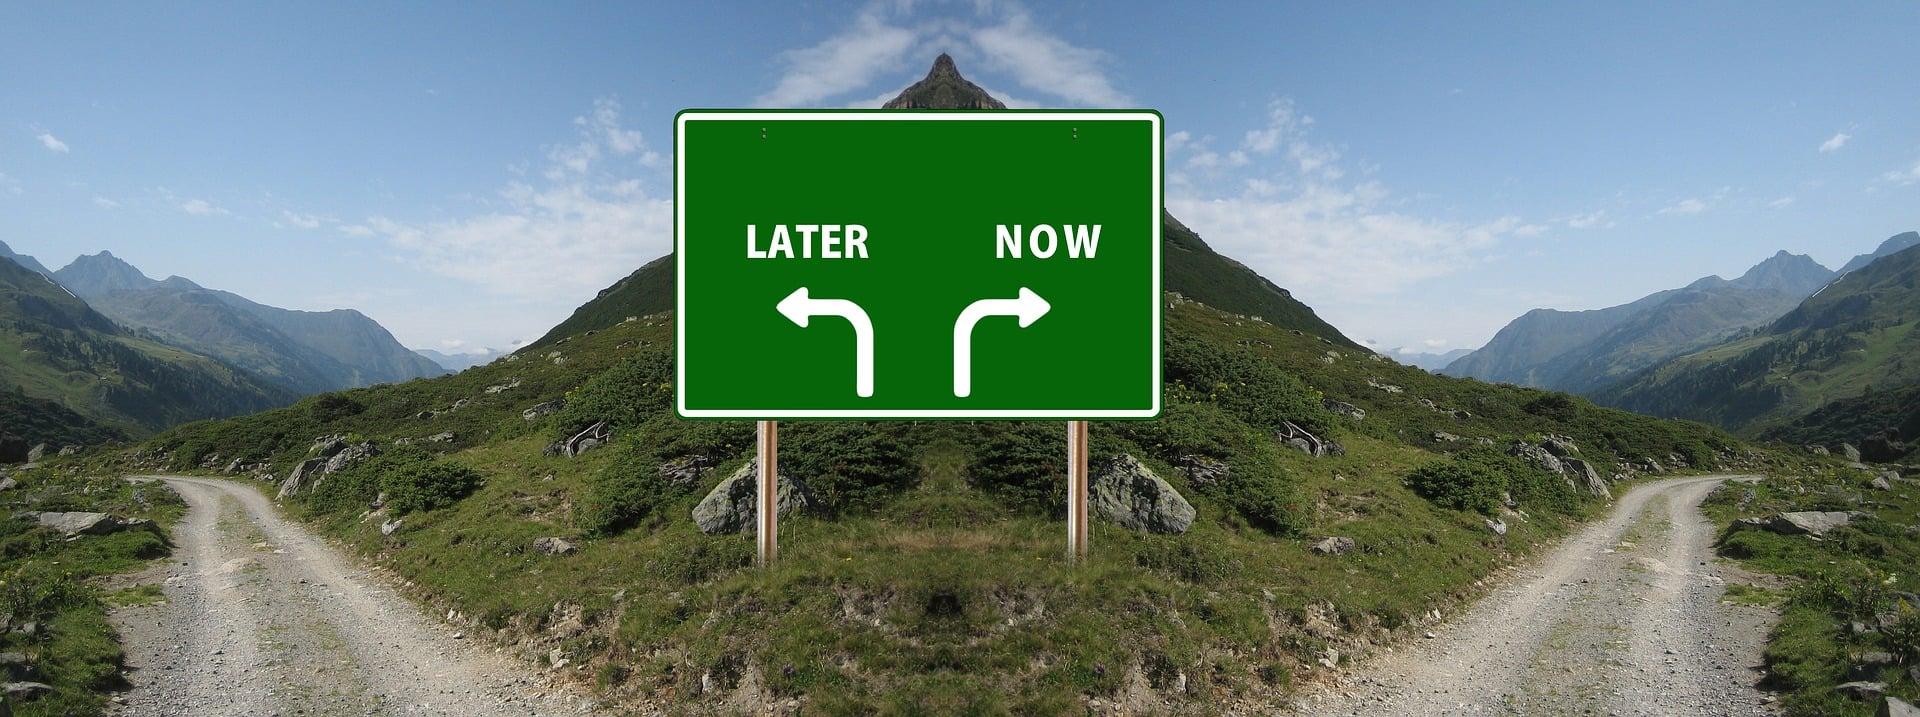 Señal con doble indicación a la izquierda de después (LATER) y a la derecha de ahora.(NOW)